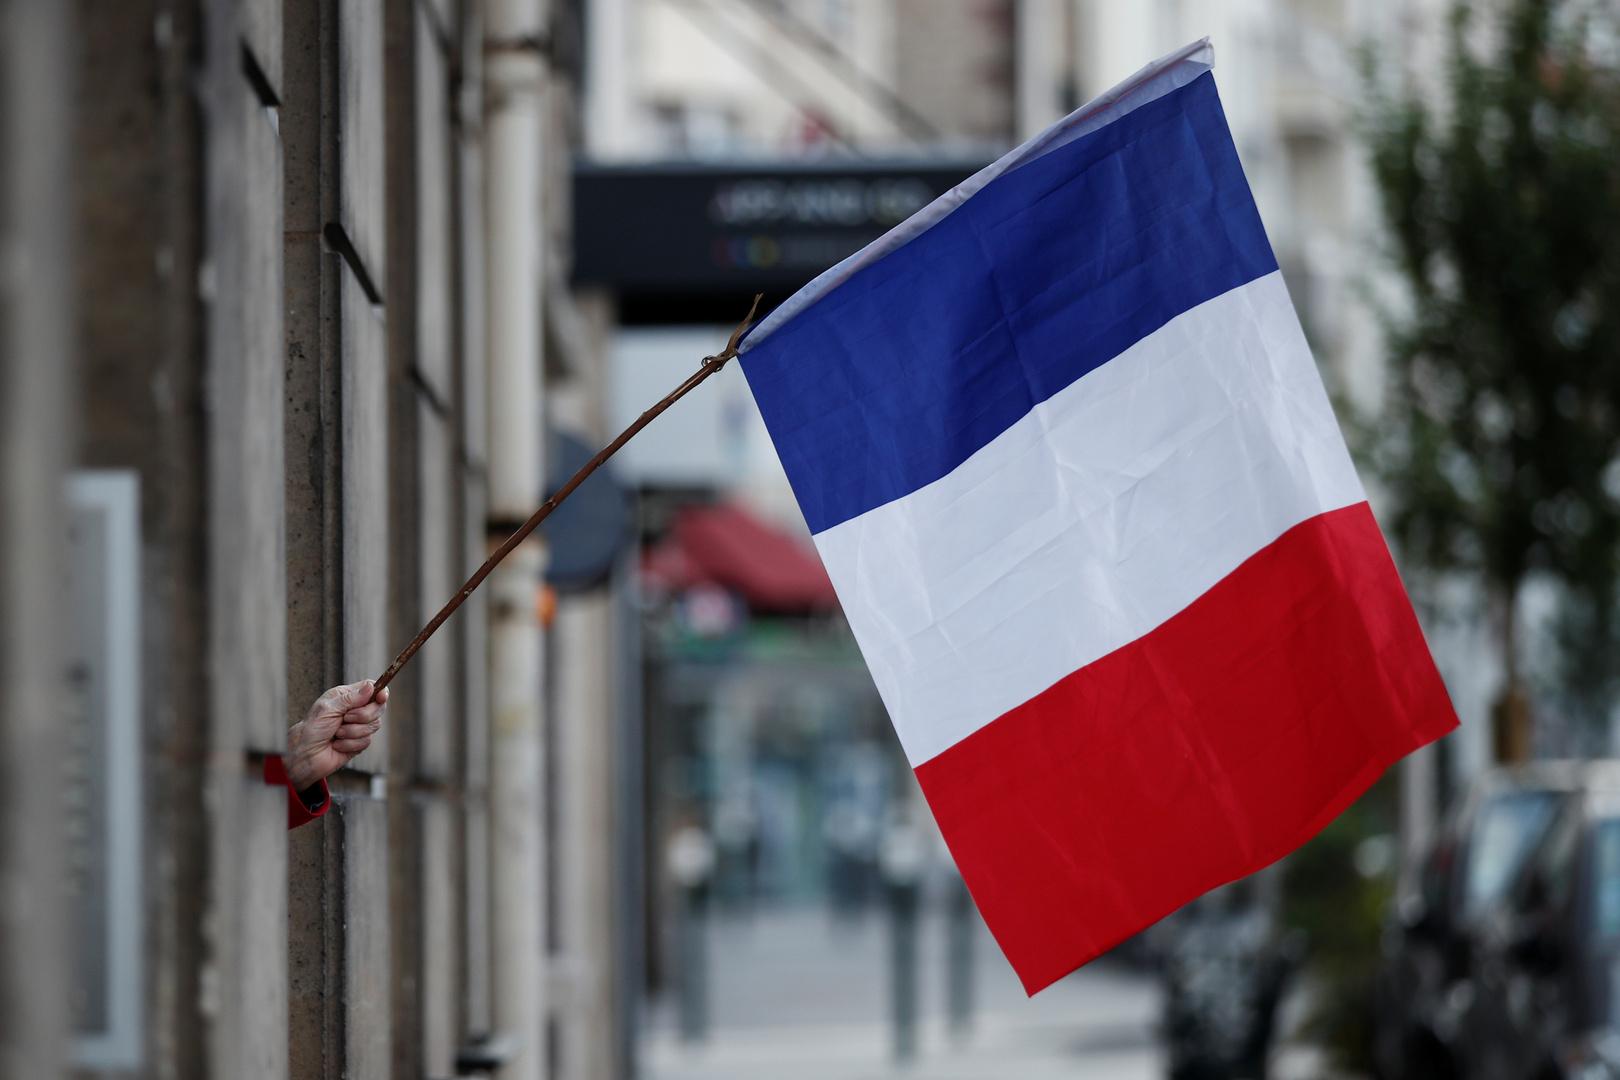 السفارة الفرنسية: باريس لم تدرج تونس في القائمة الحمراء